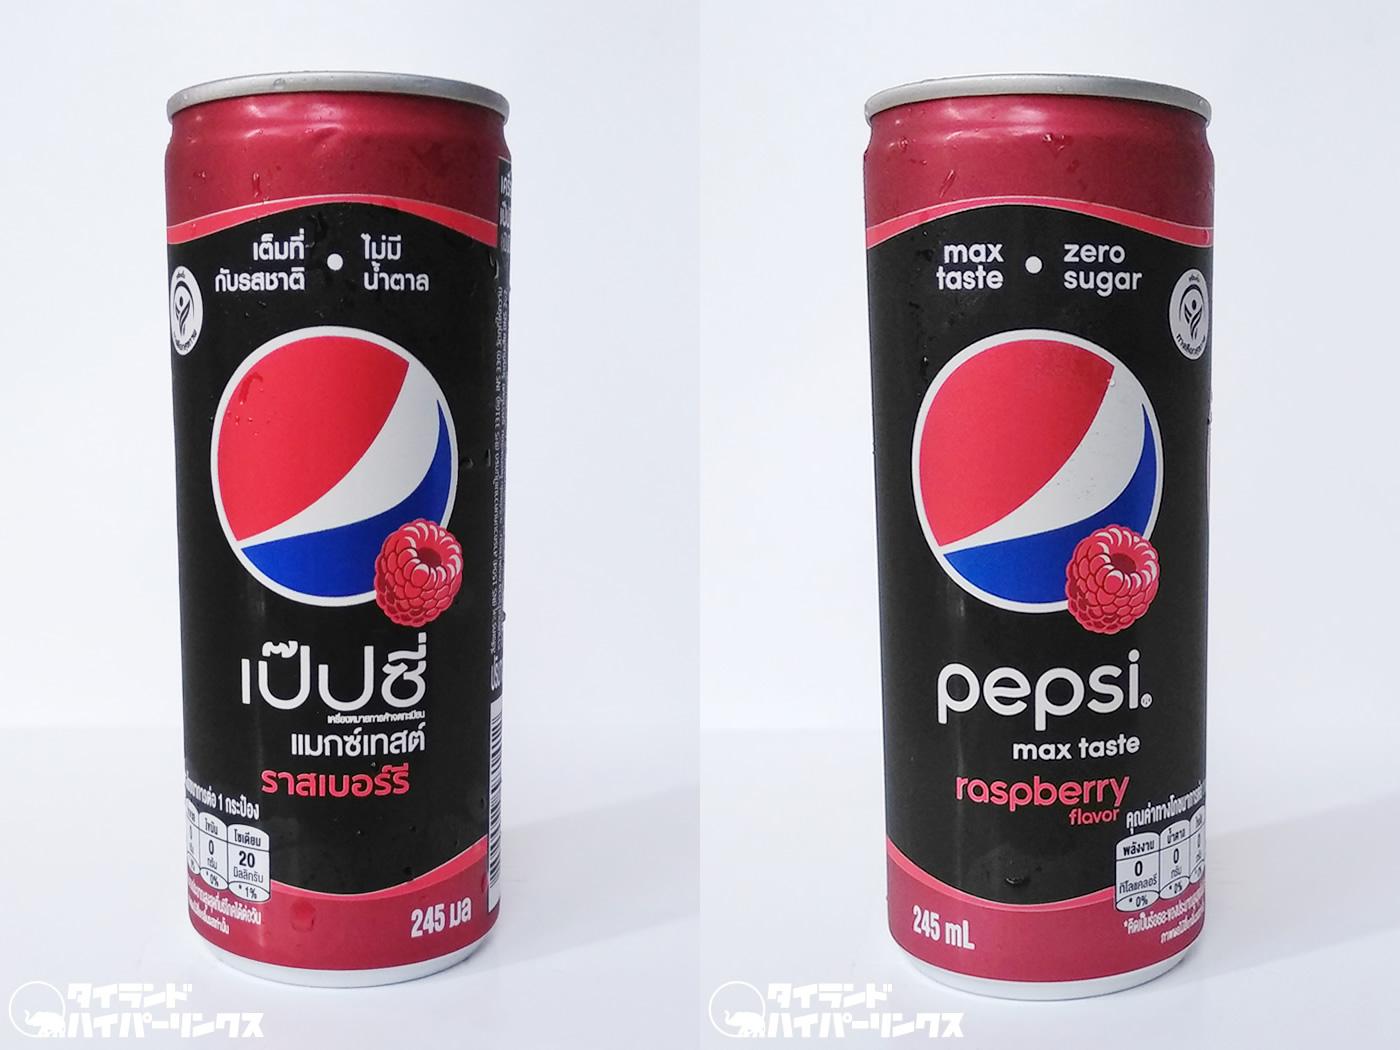 超おすすめ新コーラ!ラズベリー味のpepsi max taste raspberry flavor